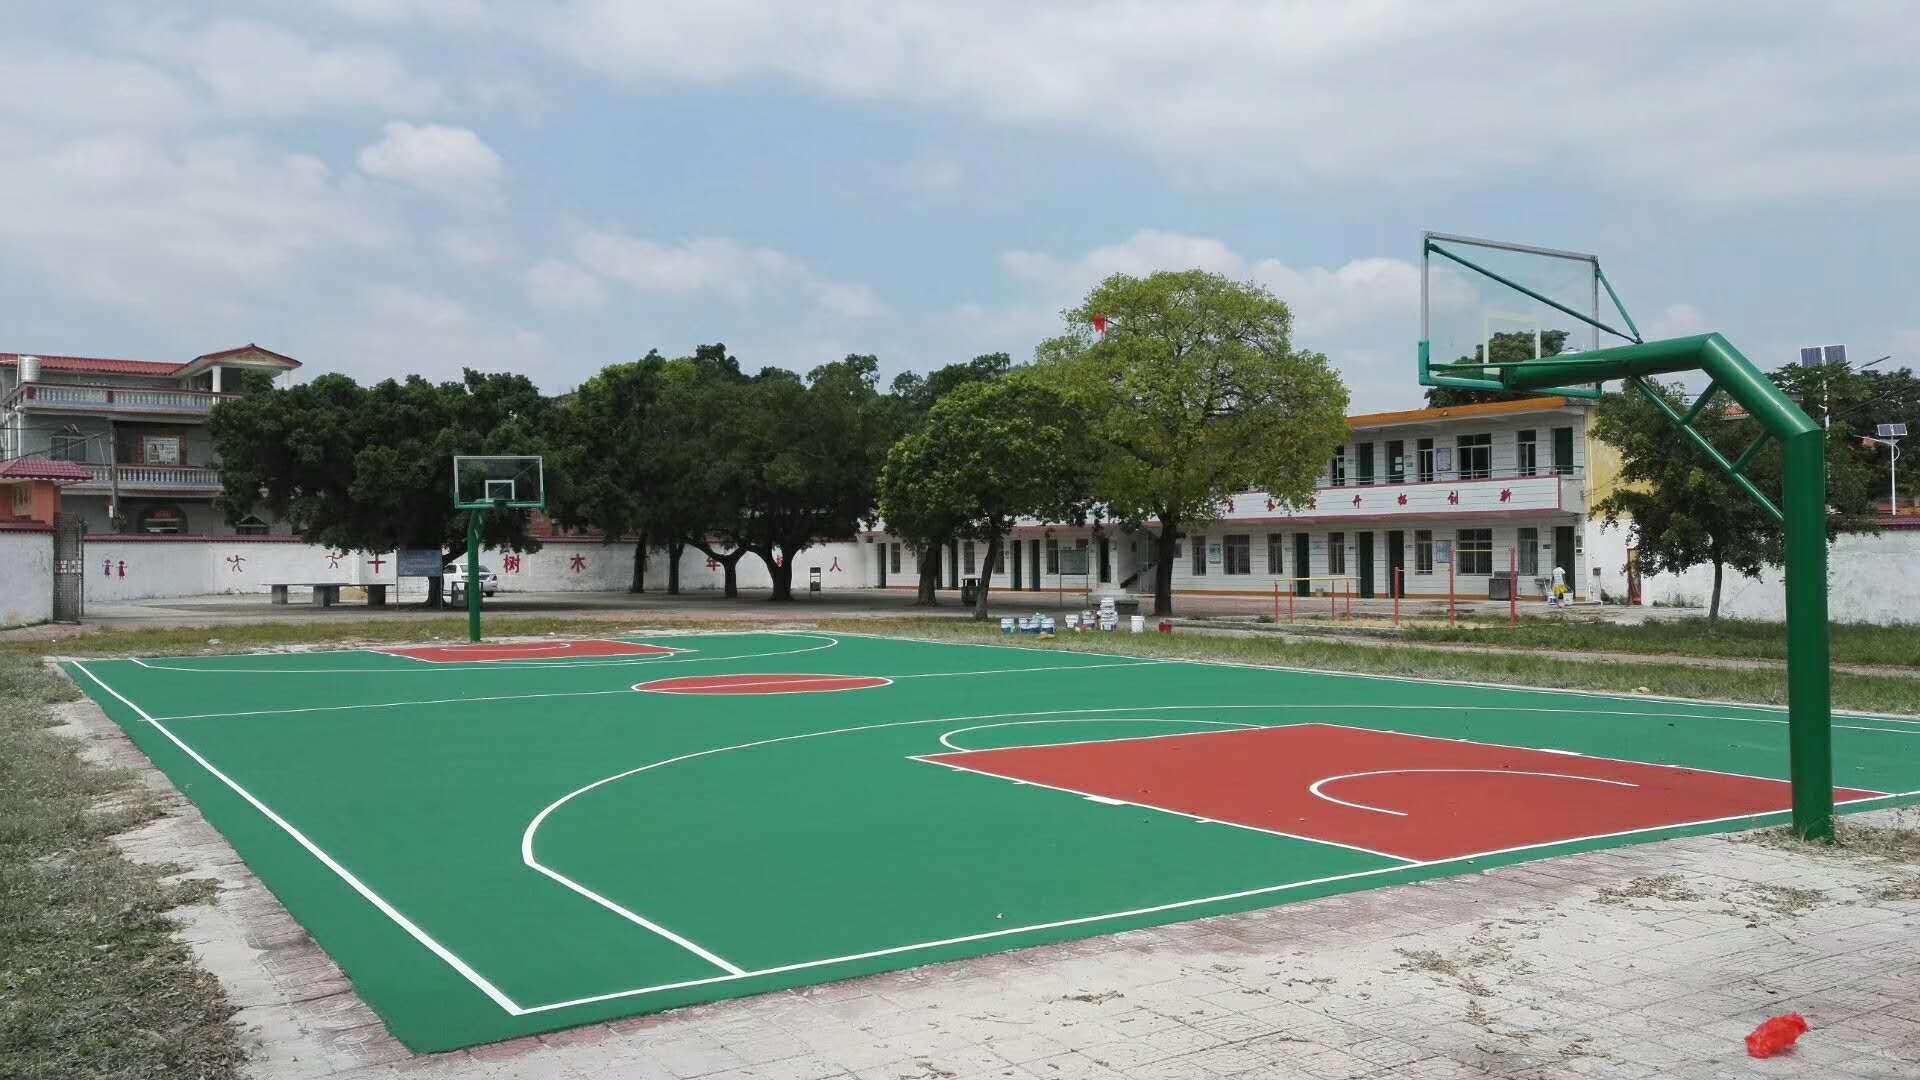 江门市青南小学丙烯酸篮球场|丙烯酸球场-惠州市泓冠达体育设施有限公司